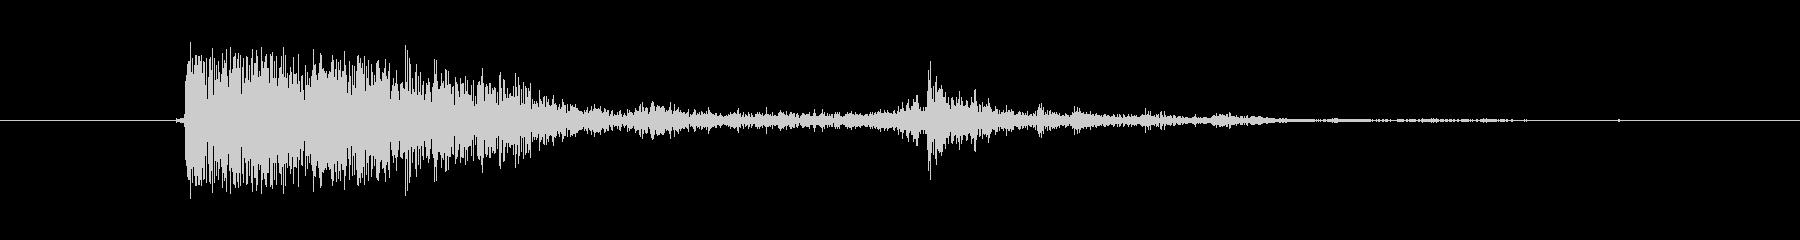 ザザッ、ザシュッ(鈍い刺す音)の未再生の波形